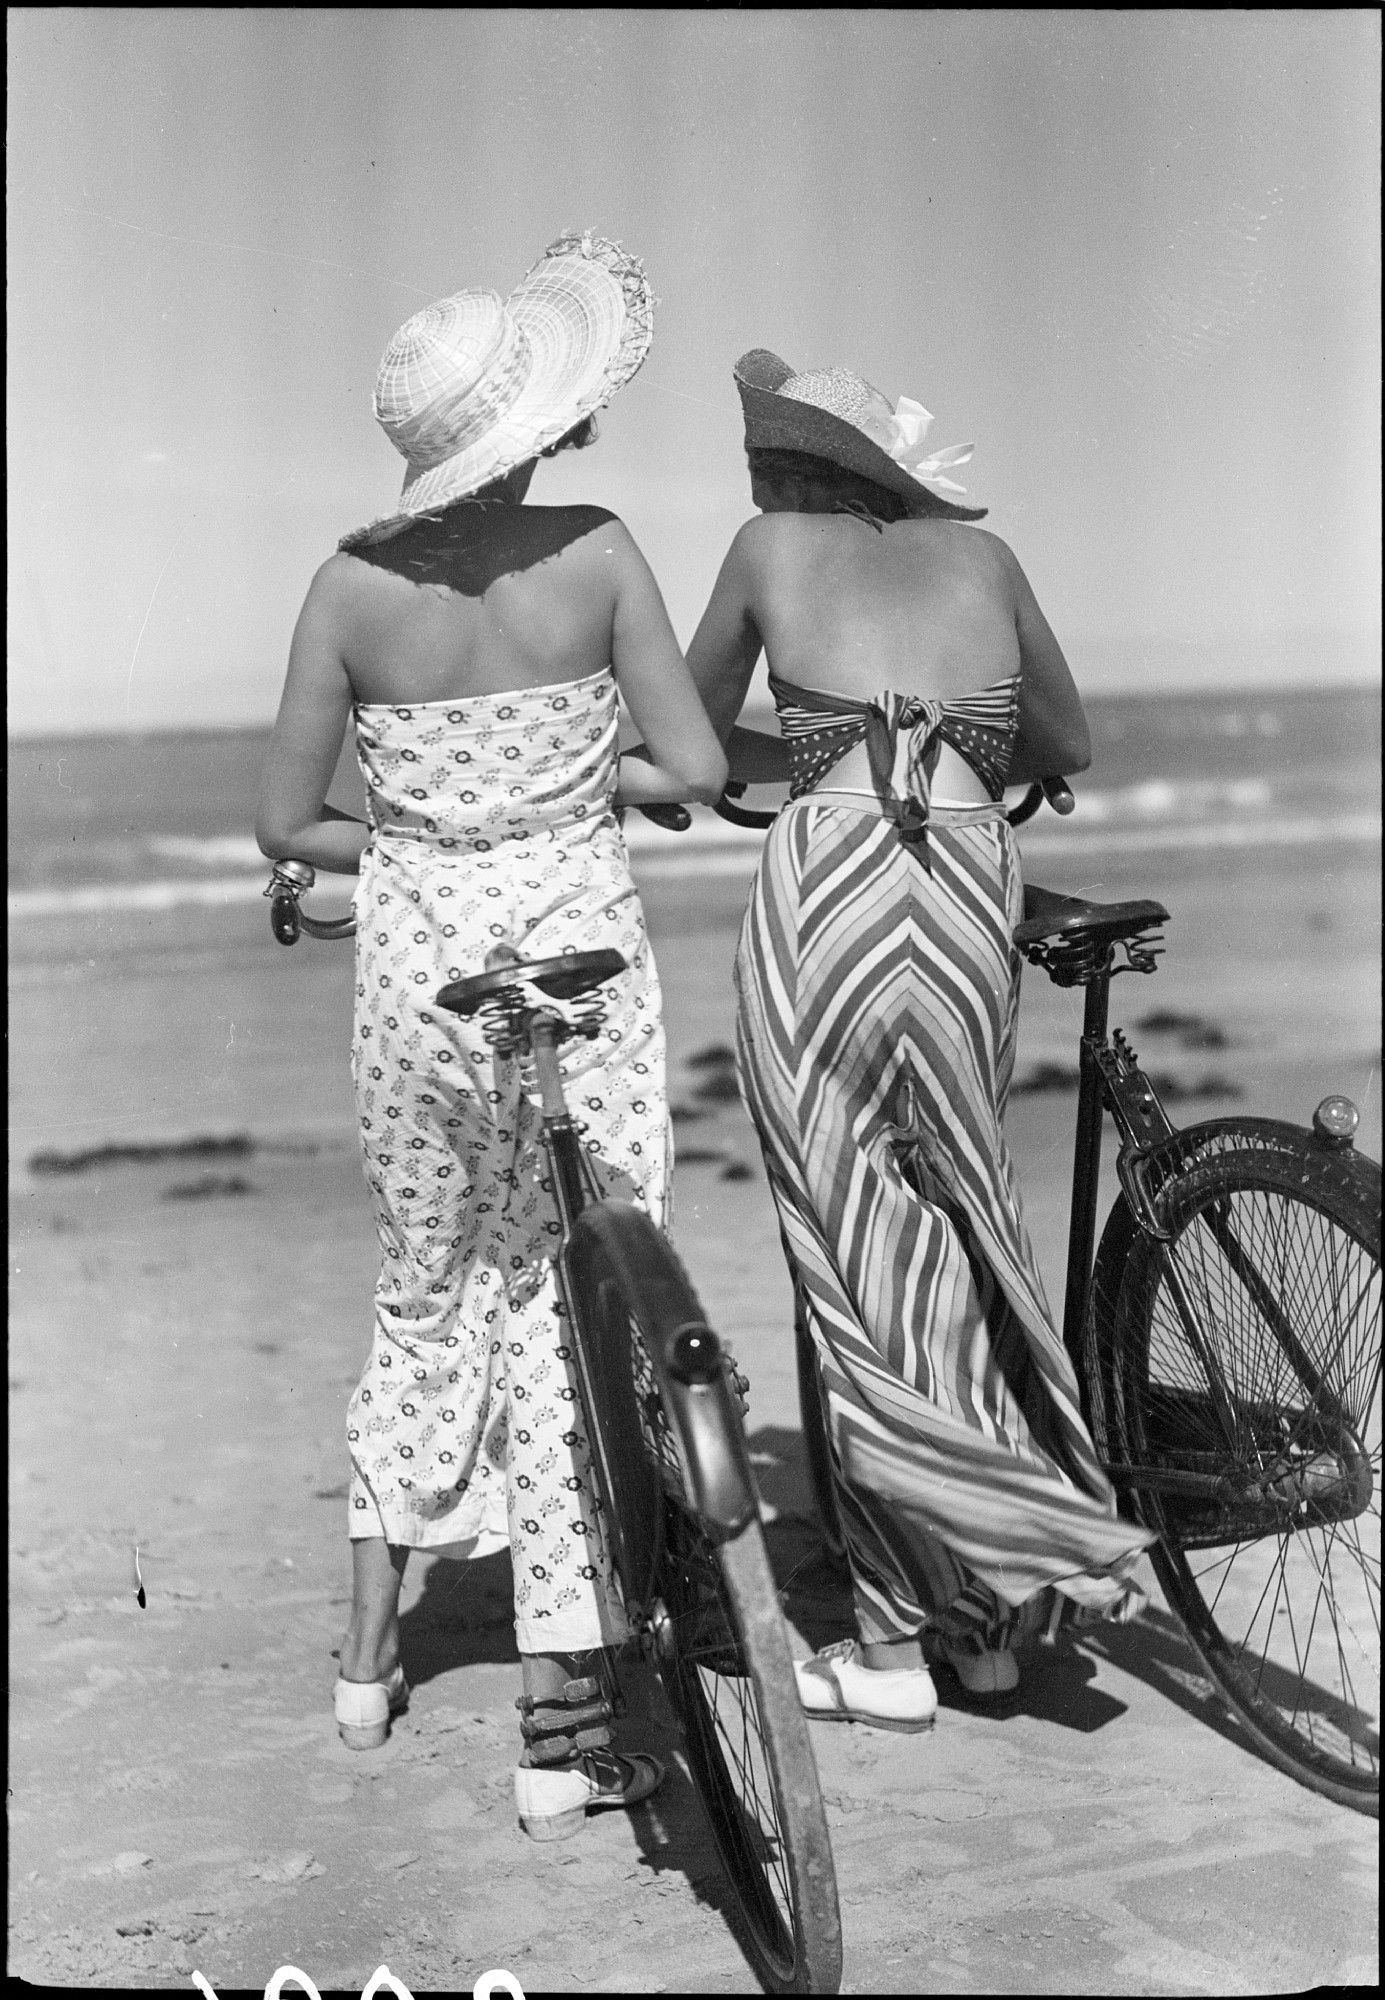 Kvinder på strand | Türck, Sven fotograf. National Library of Denmark. CC-BY-NC-ND